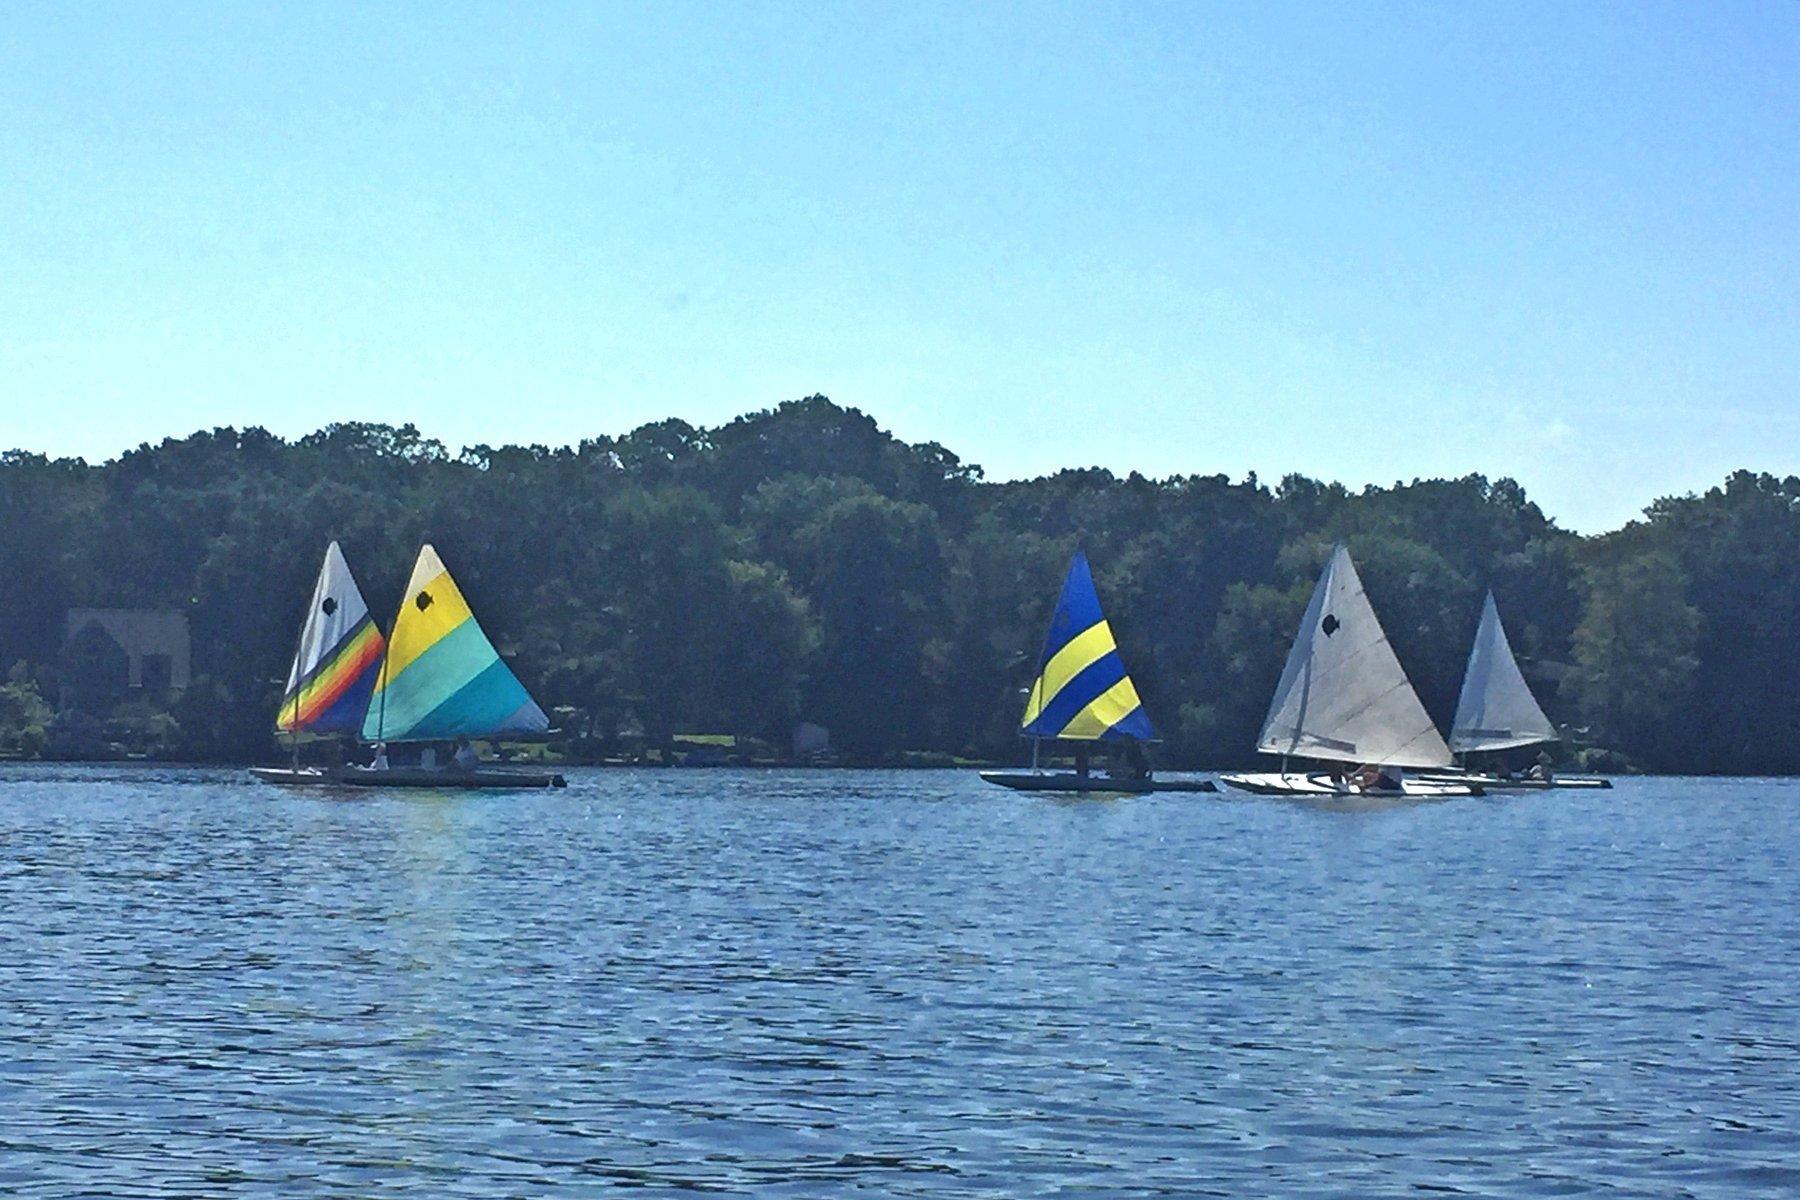 Sunfish sailboats on Cedar Lake